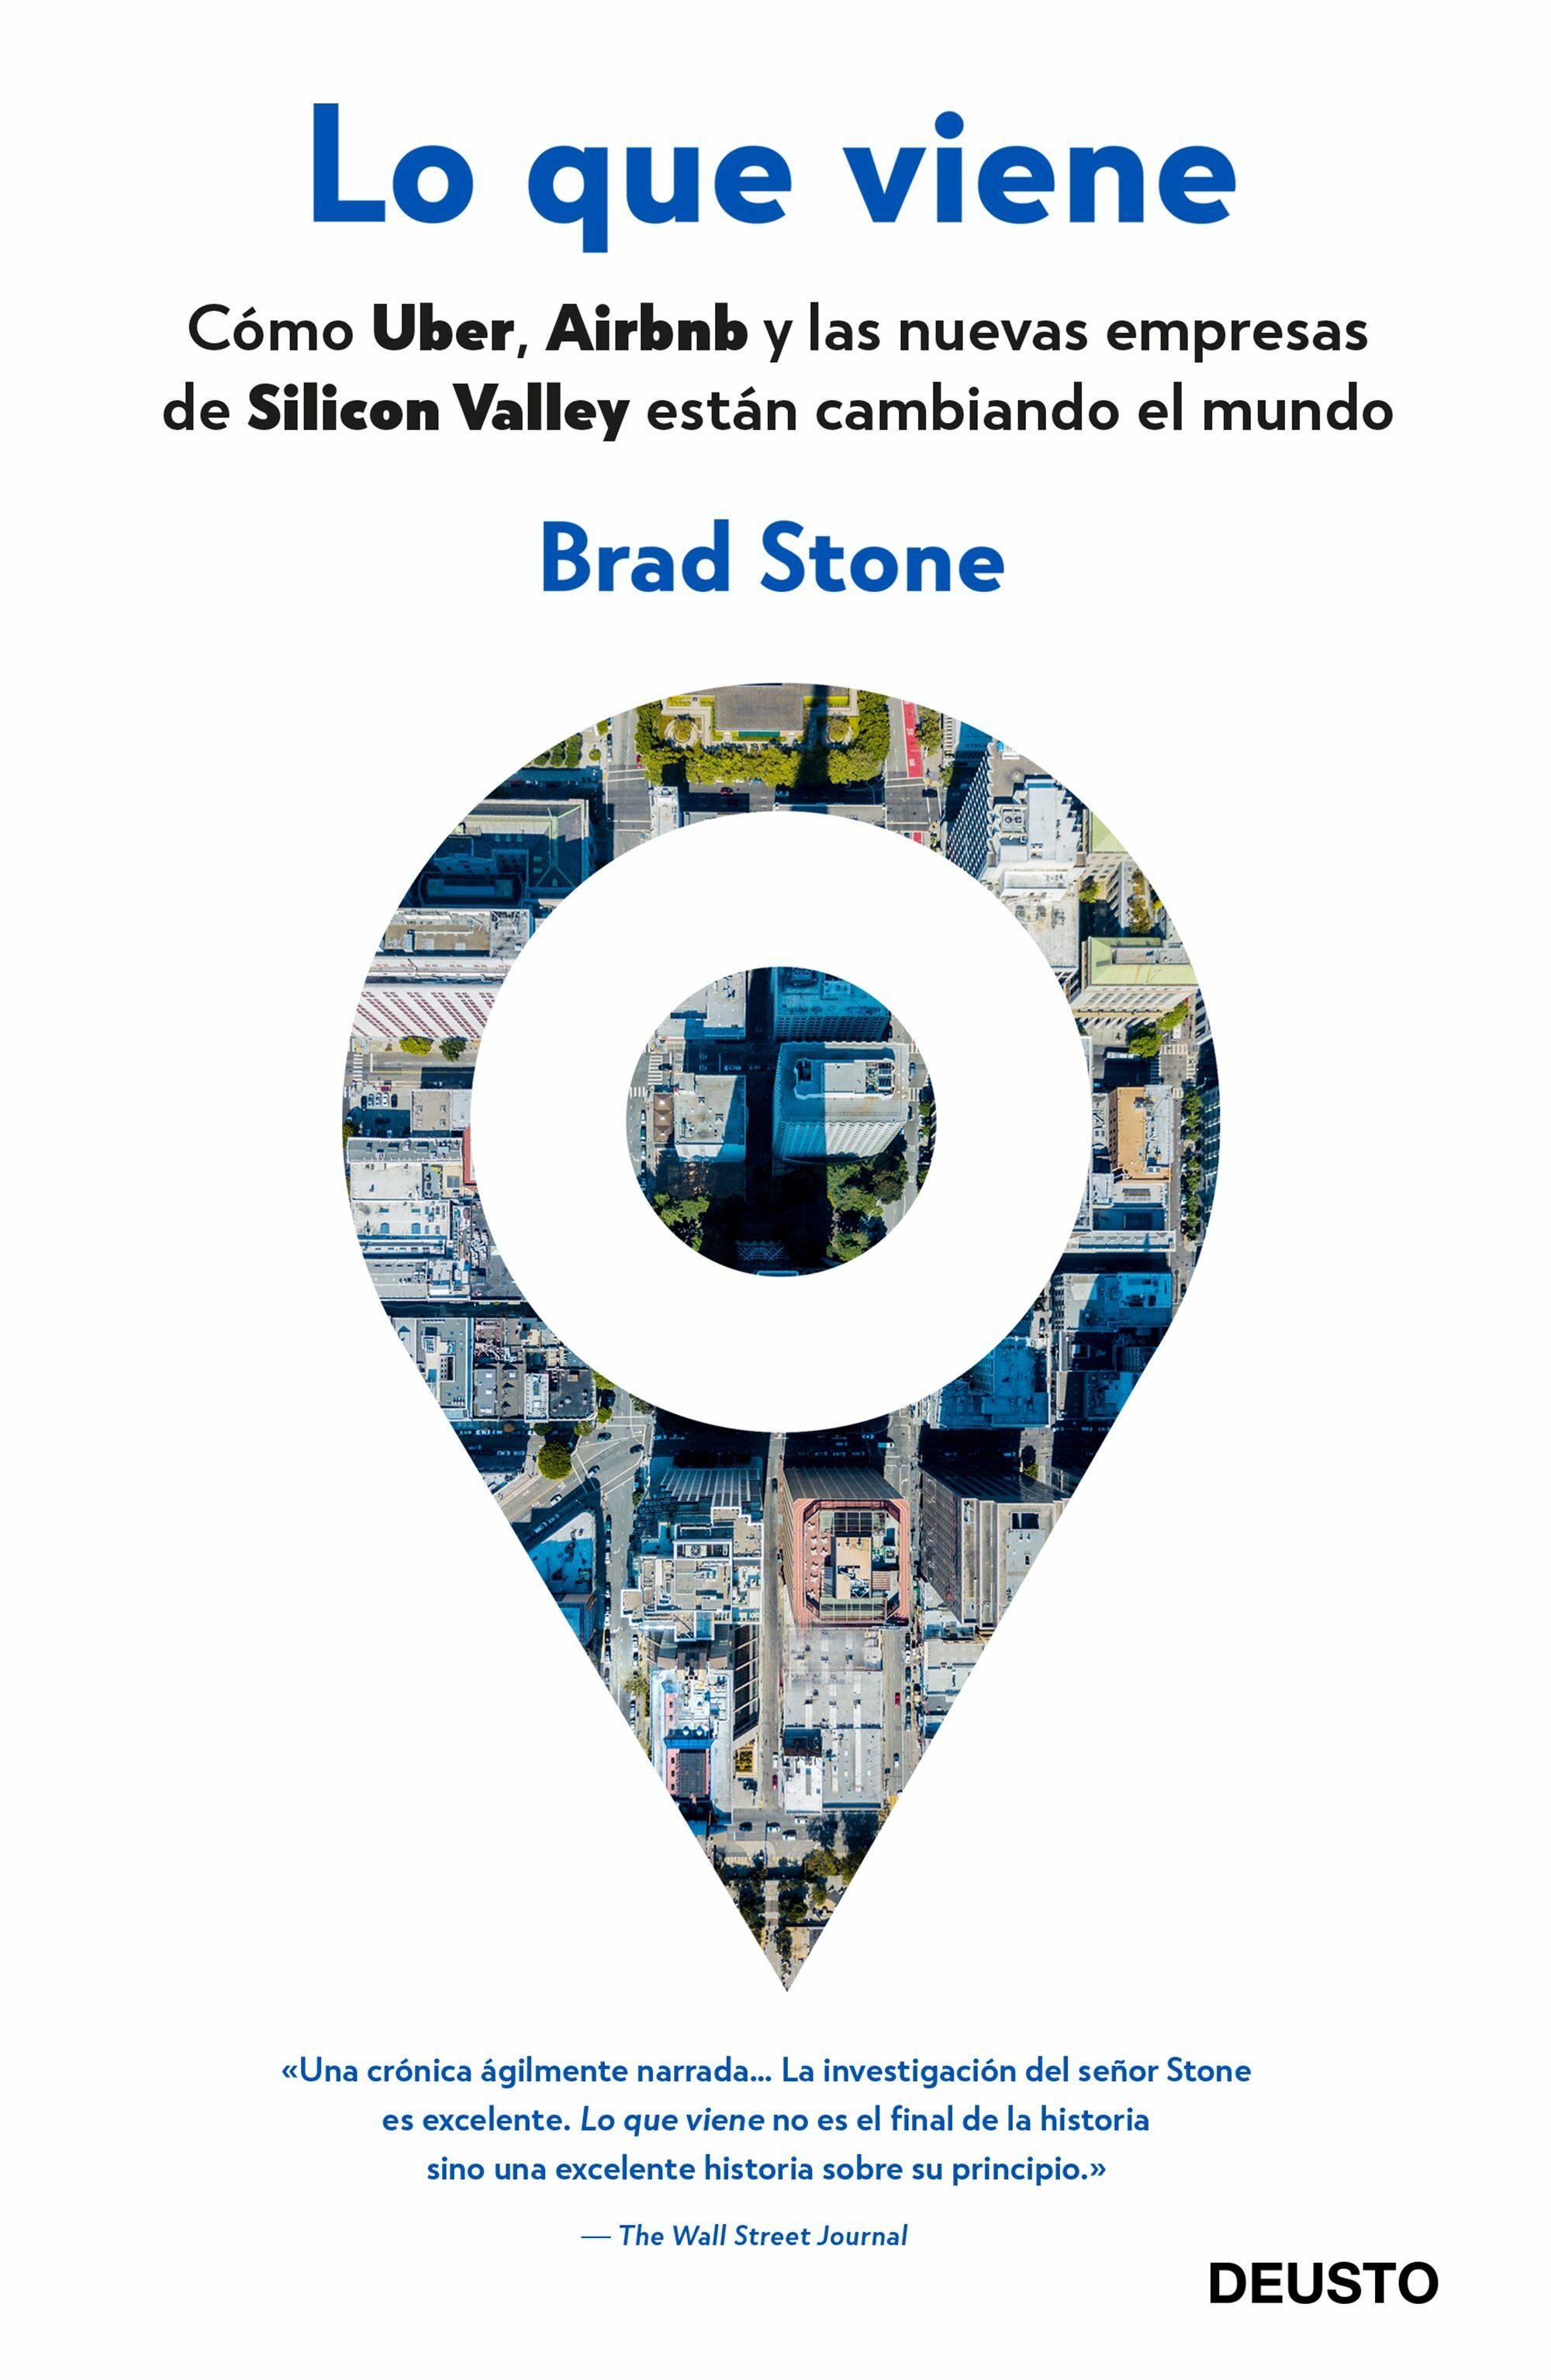 Lo Que Viene: Como Uber, Airbnb Y Las Nuevas Empresas De Silicon Valley Estan Cambiando El Mundo por Brad Stone